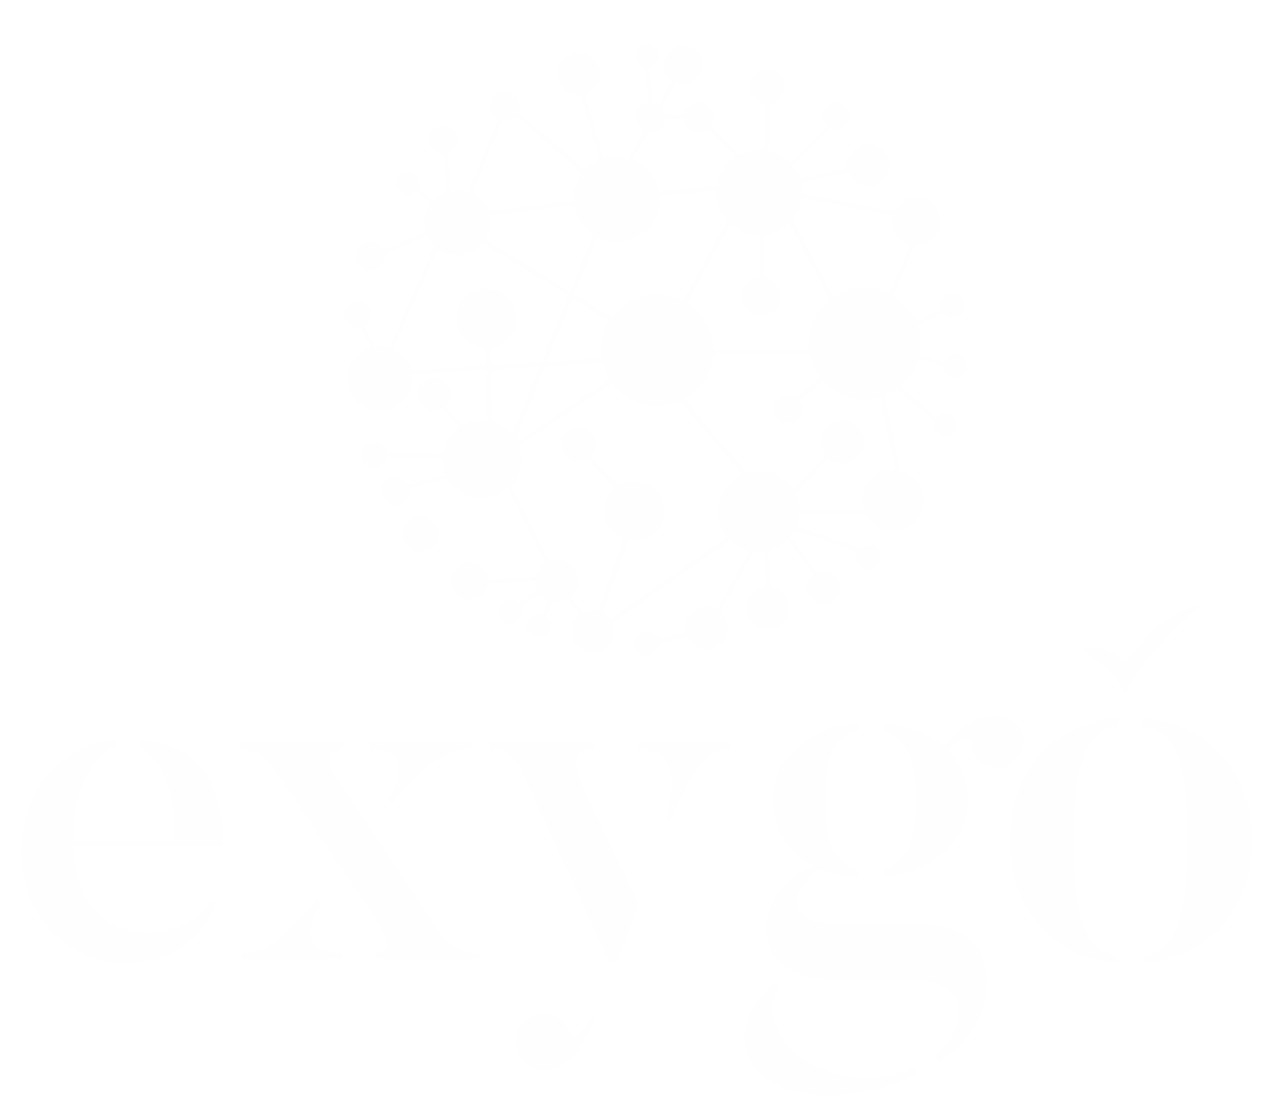 exygo-footer-logo